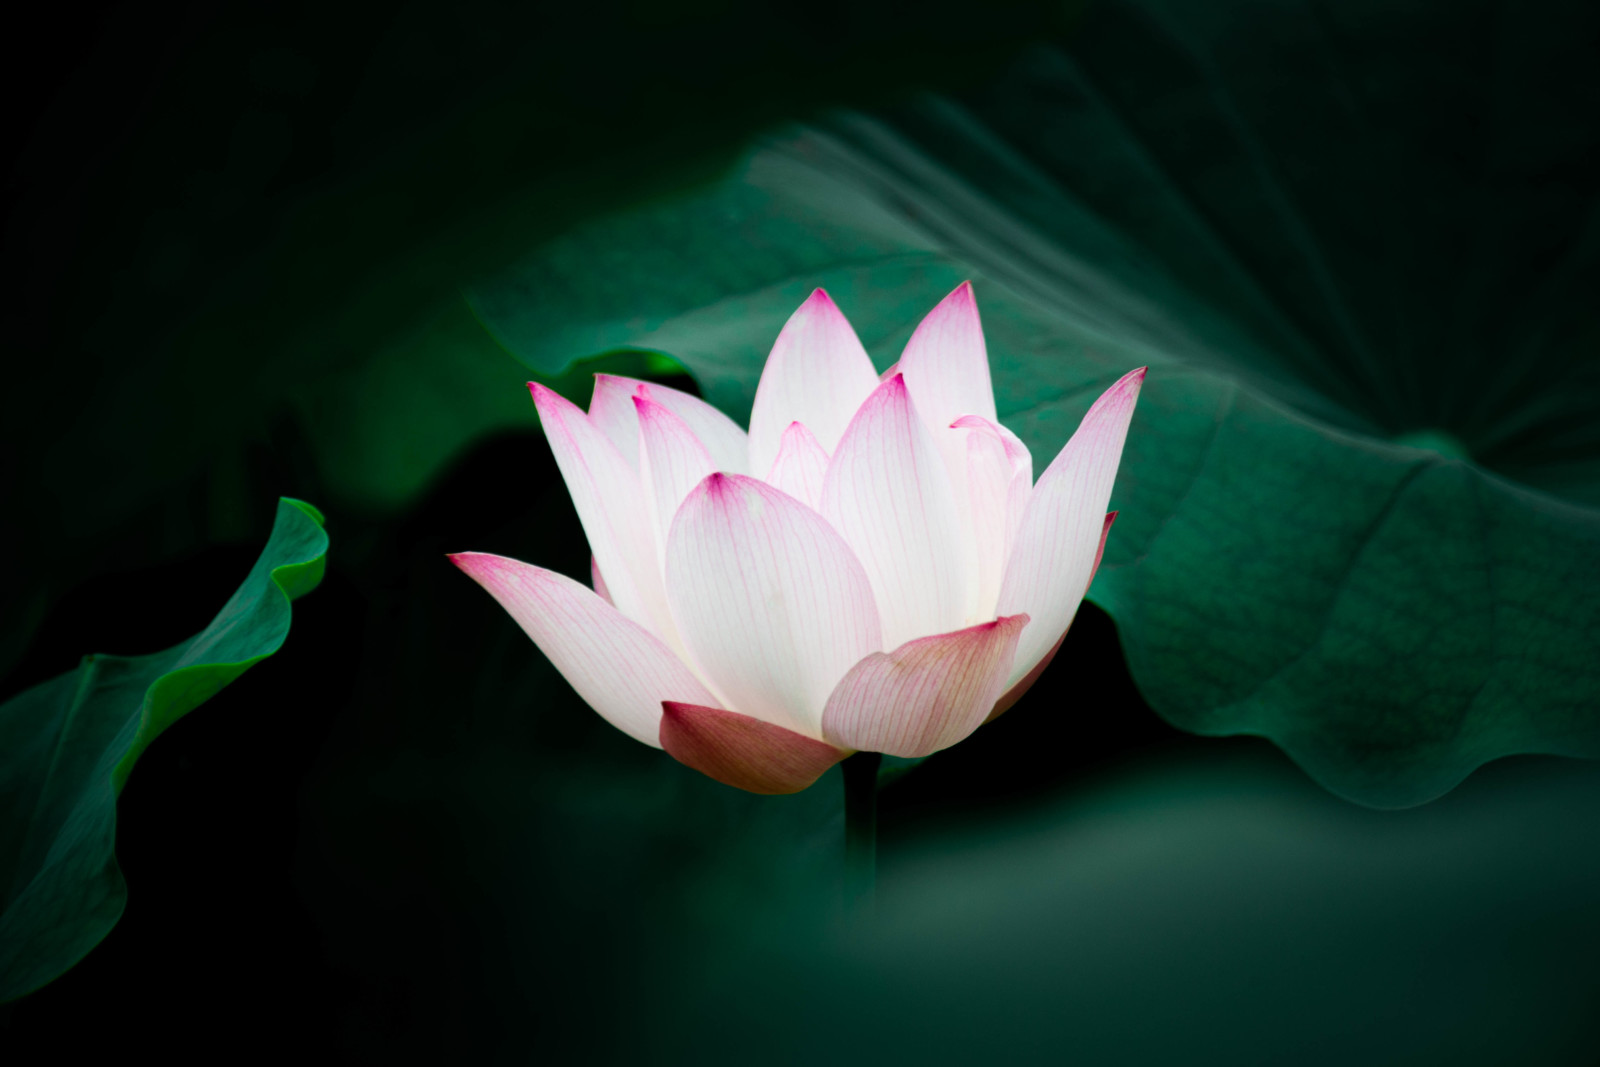 徳川家康 初陣の地として有名な場所。蓮の花の隠れ名所『随応院』